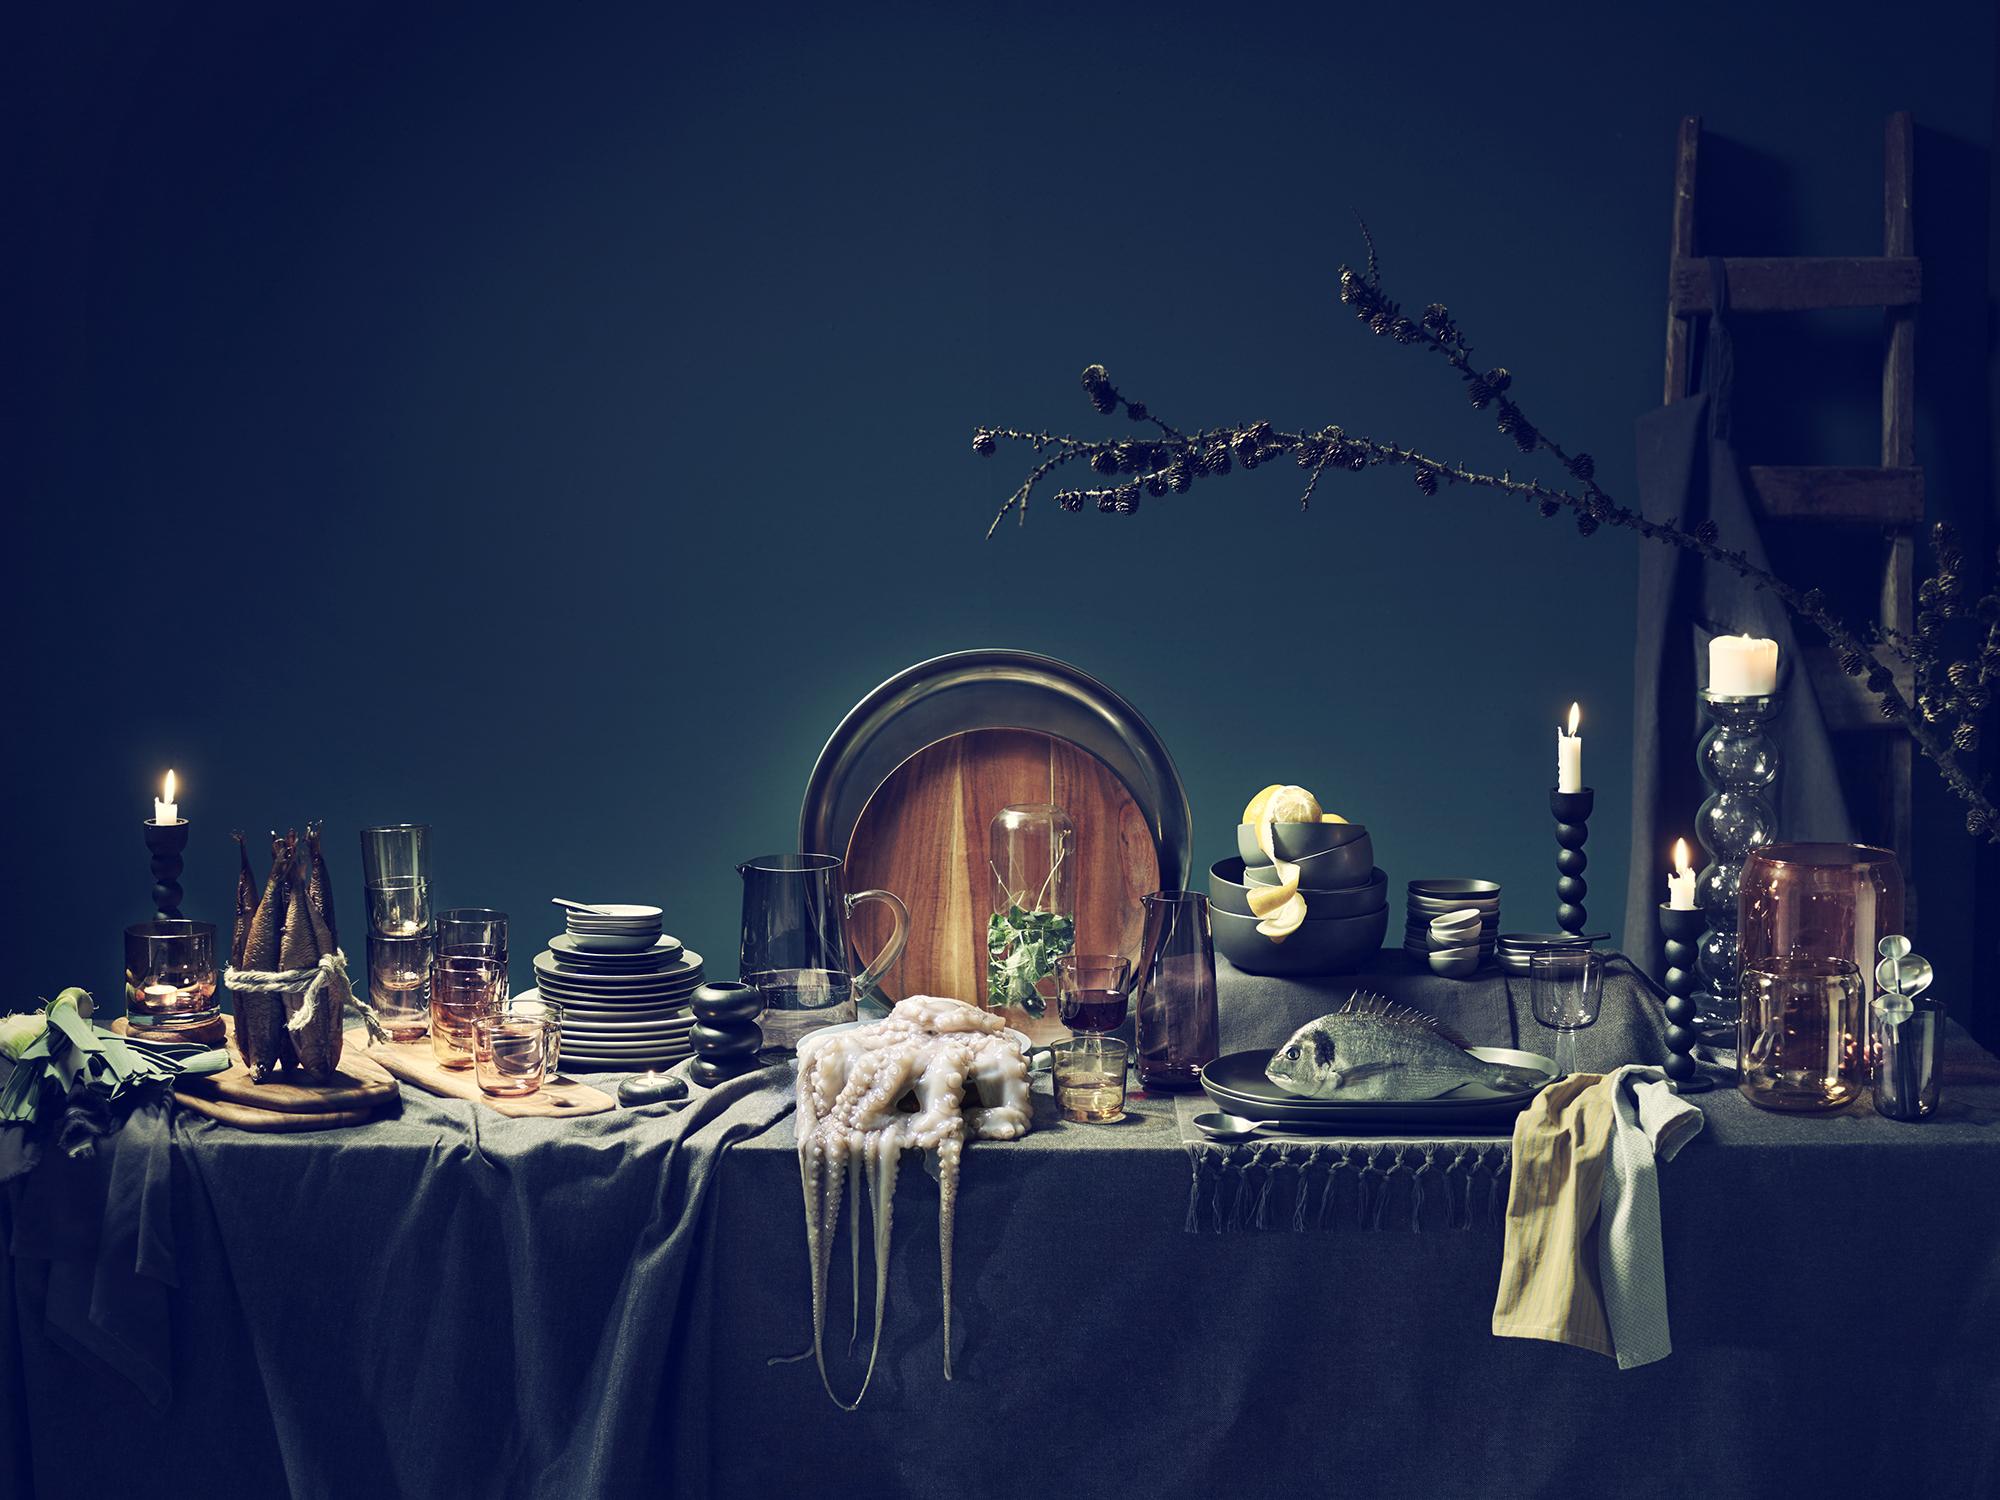 ikea-nouveaute-2015-sittning-art-table-mademoiselle-claudine